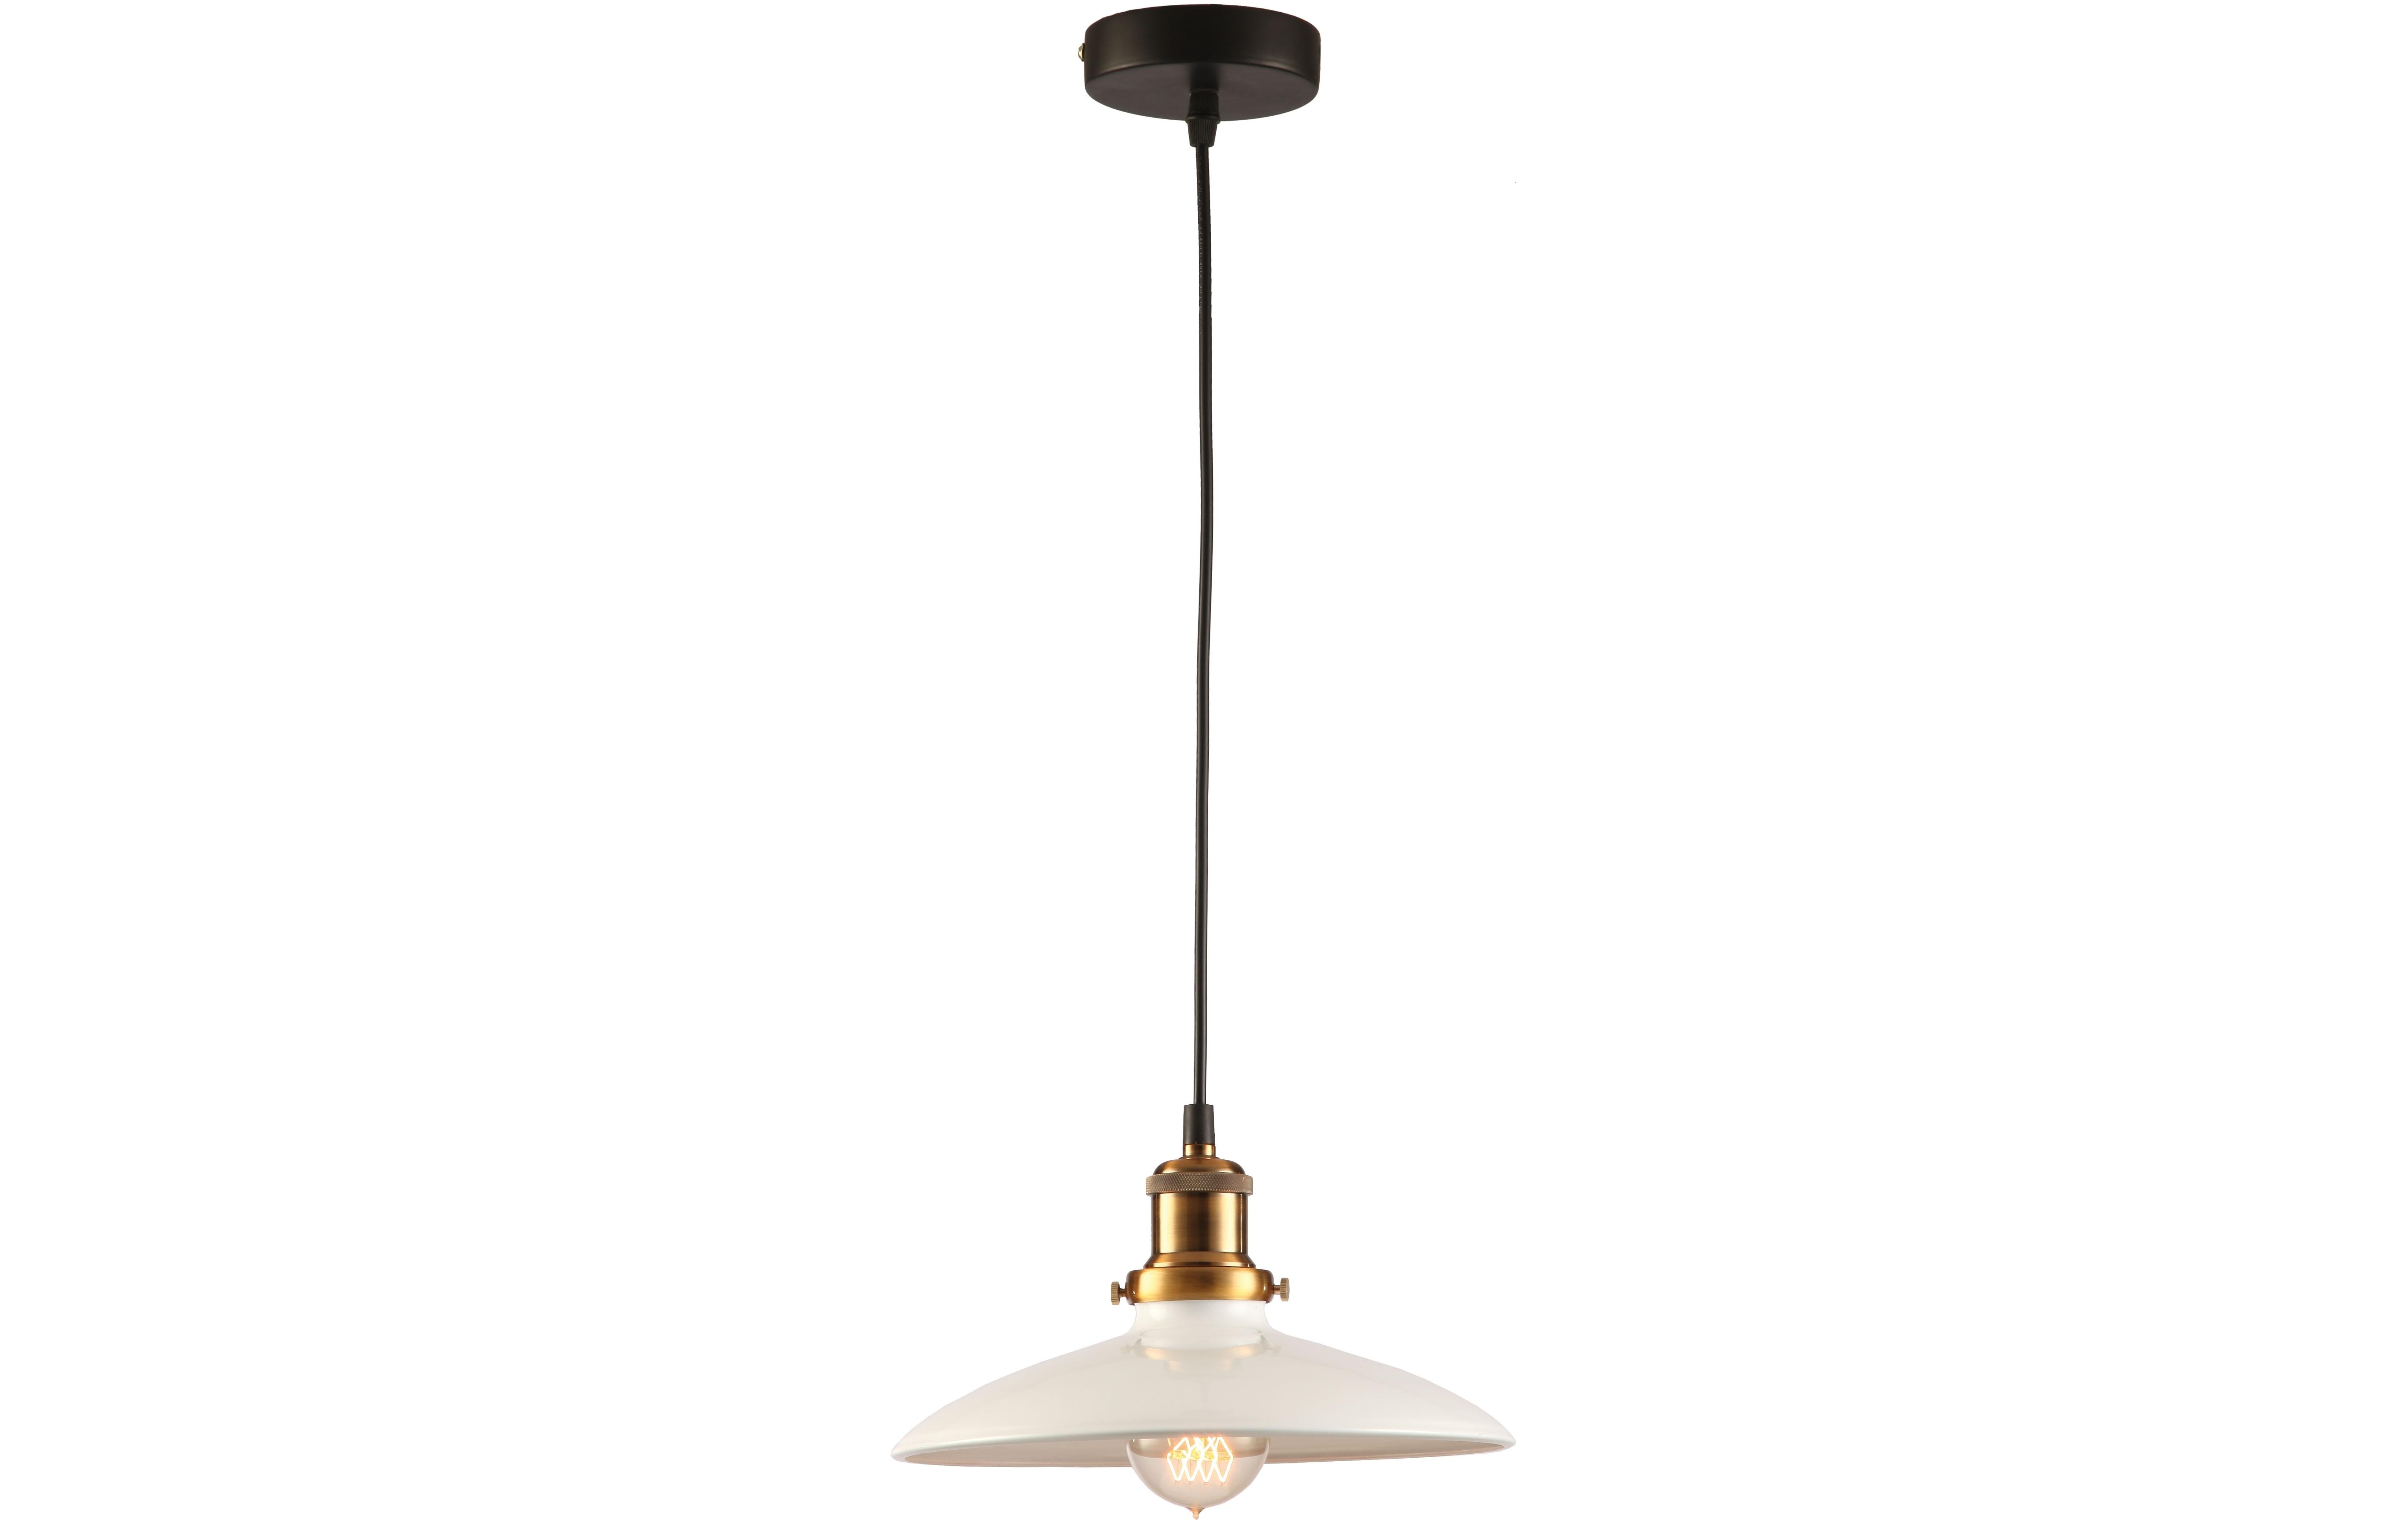 Подвесной светильникПодвесные светильники<br>Материал: металл<br>Лампочки в комплекте: 1*60W<br>Цоколь: E27<br>Цвет: белый, золото, черный<br><br>Material: Металл<br>Высота см: 120